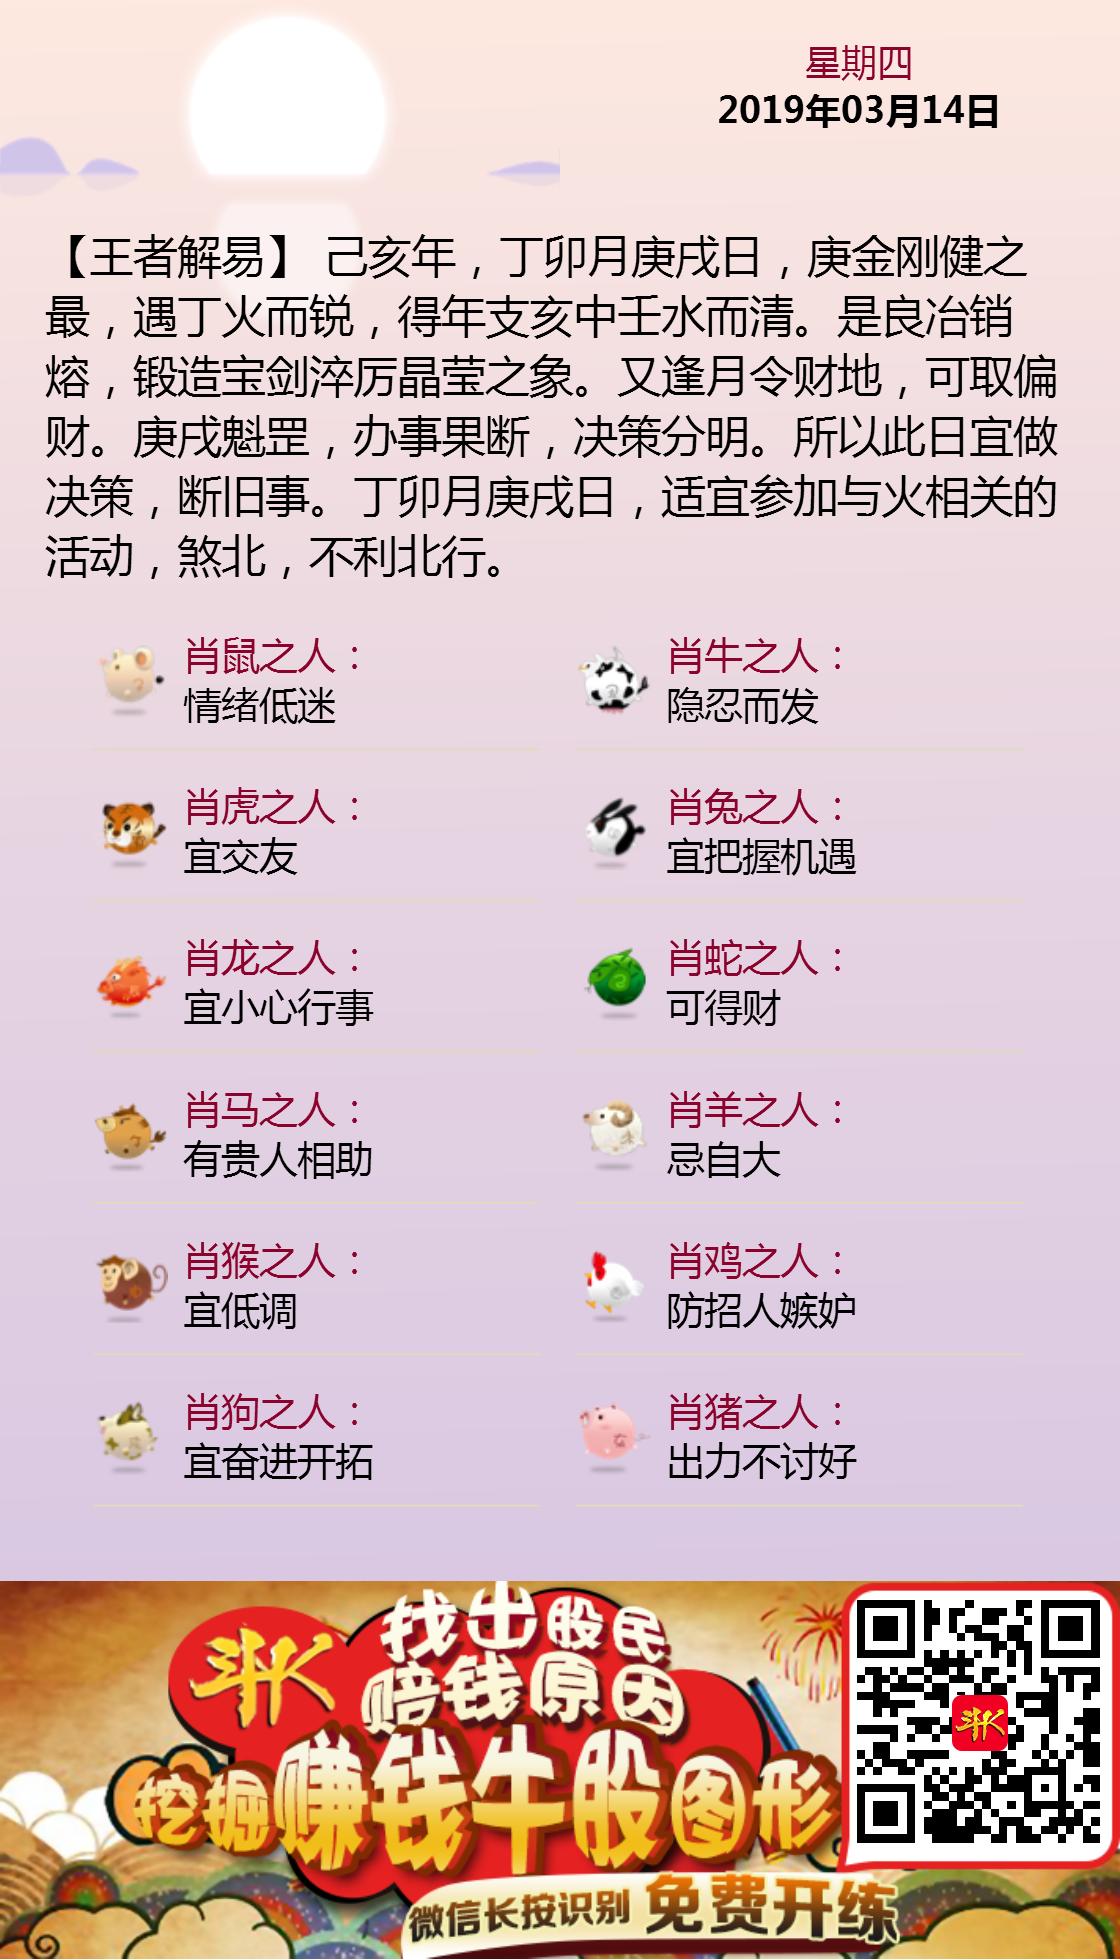 2019.3.14黄历斗K.png